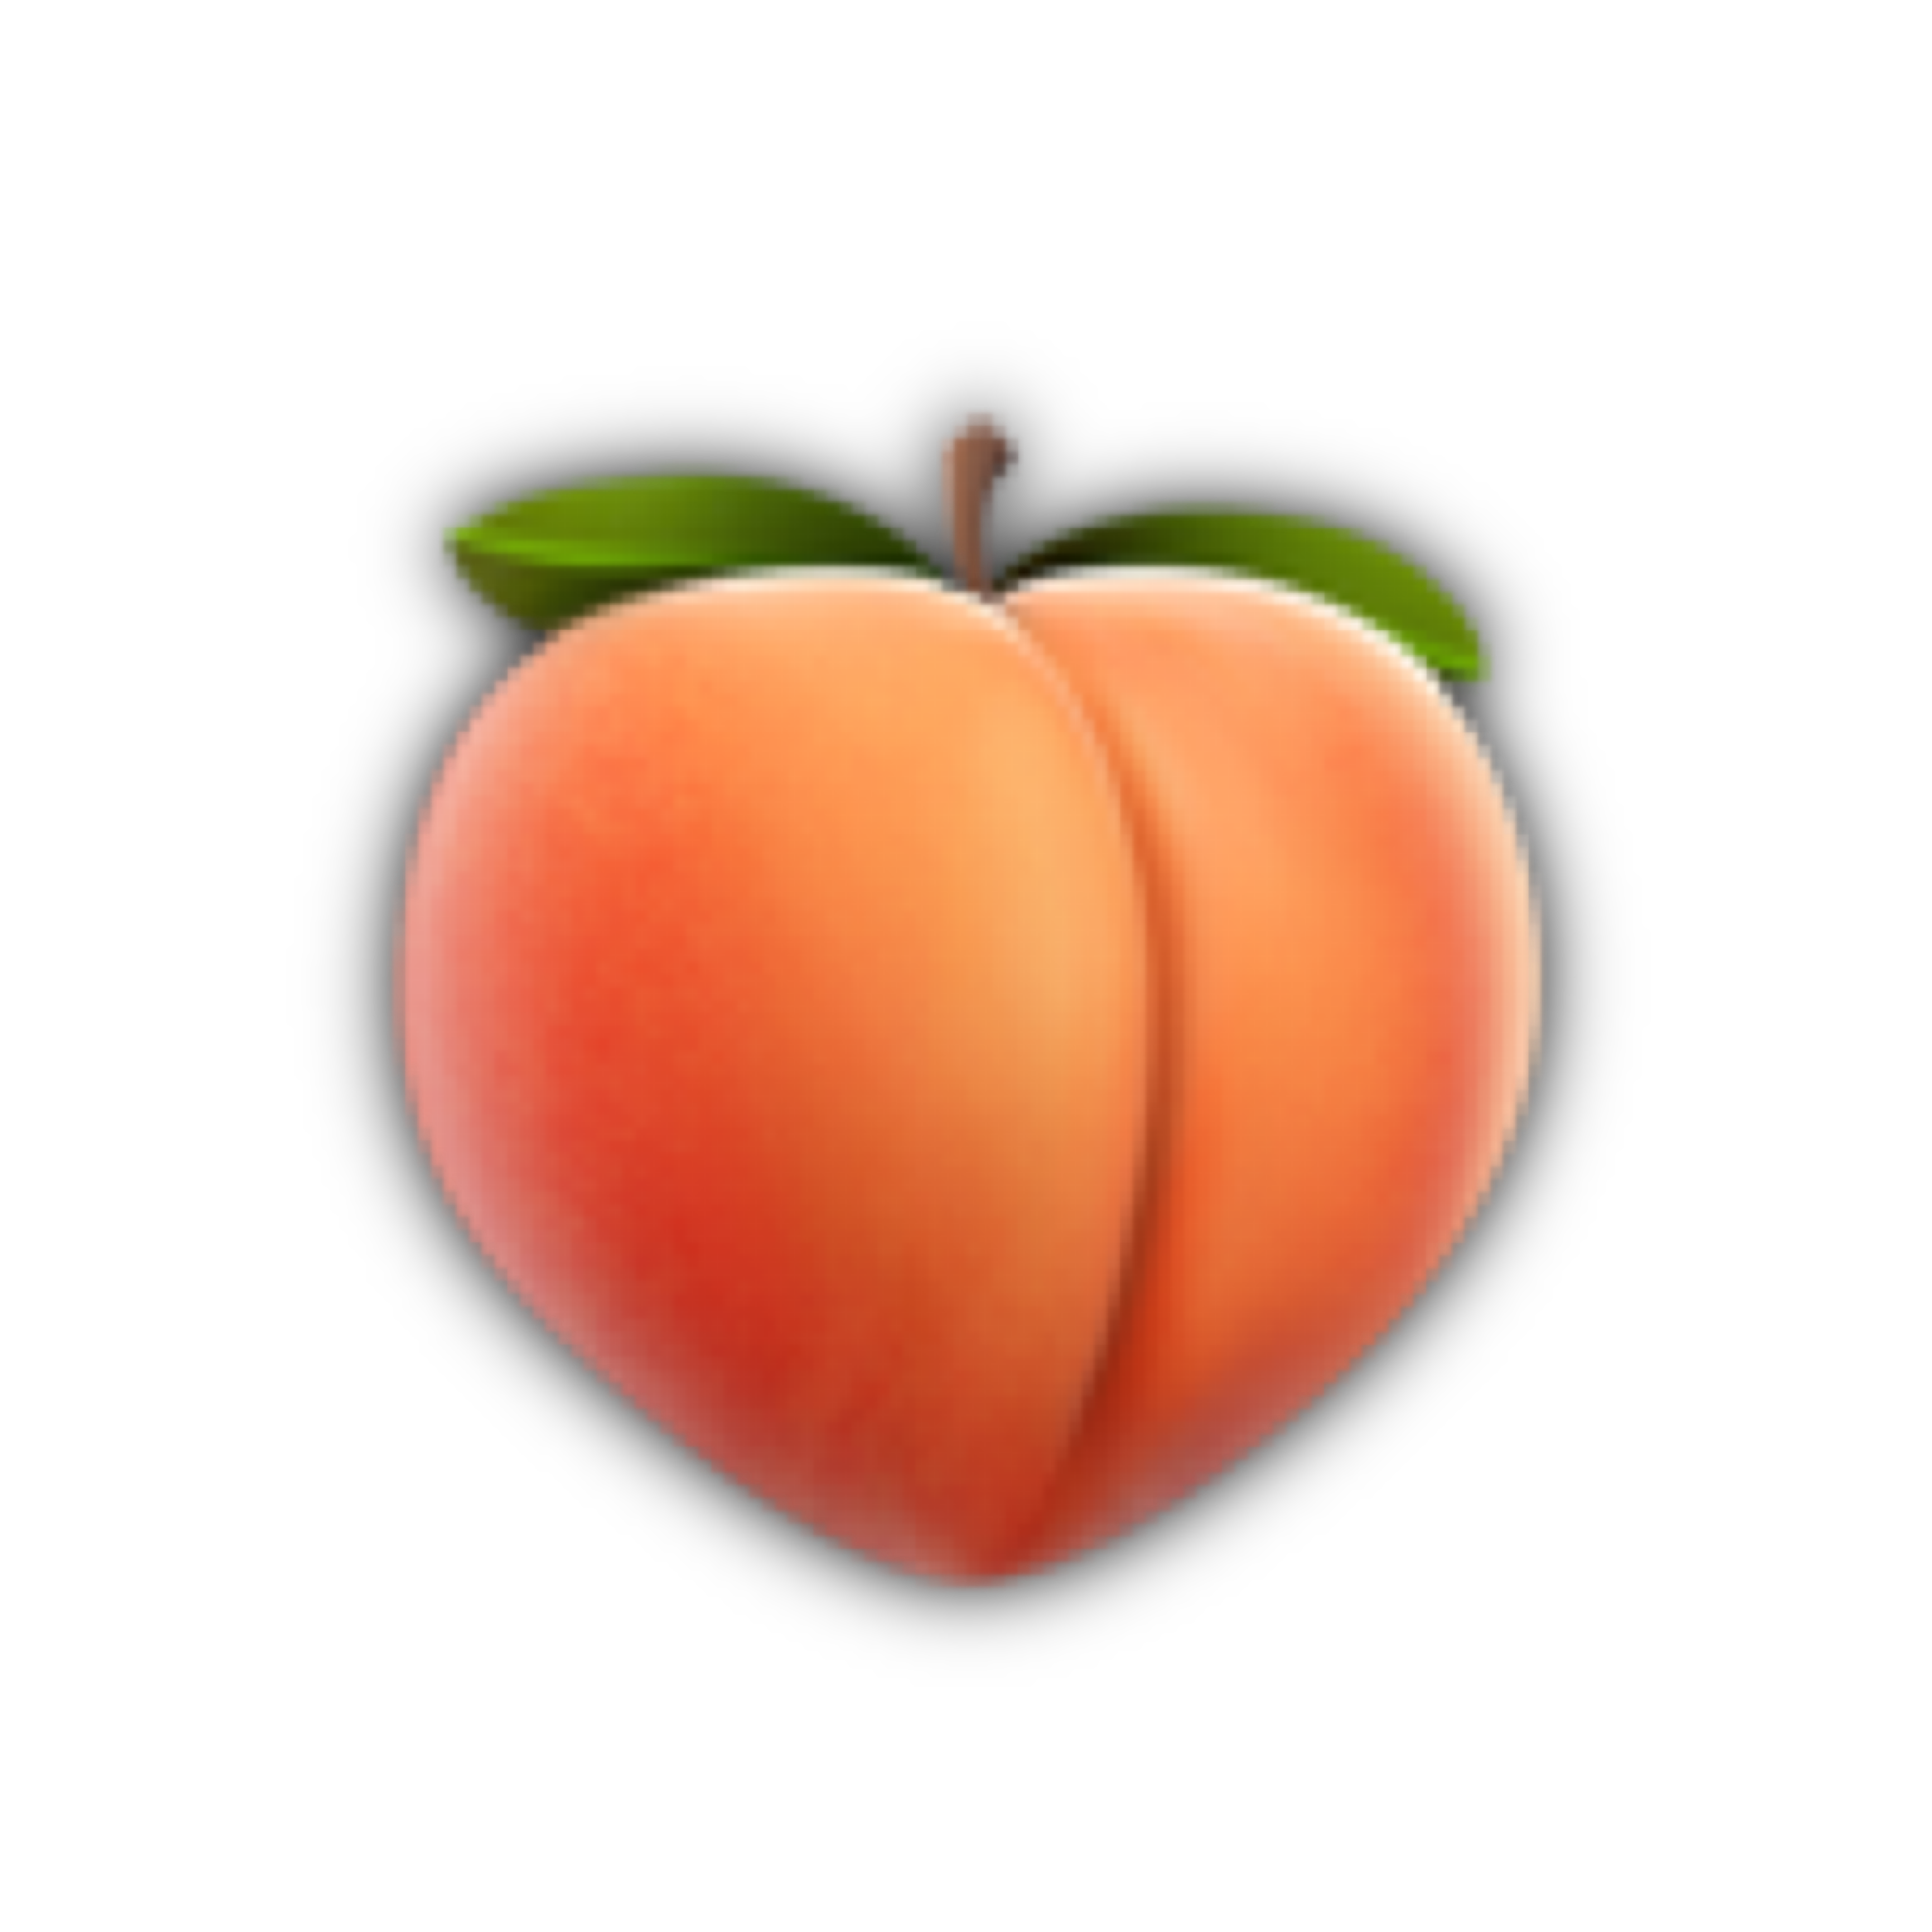 Pin By Indika Macfarland On T A T T O O S Peach Tattoo Emoji Tattoo Peach Art